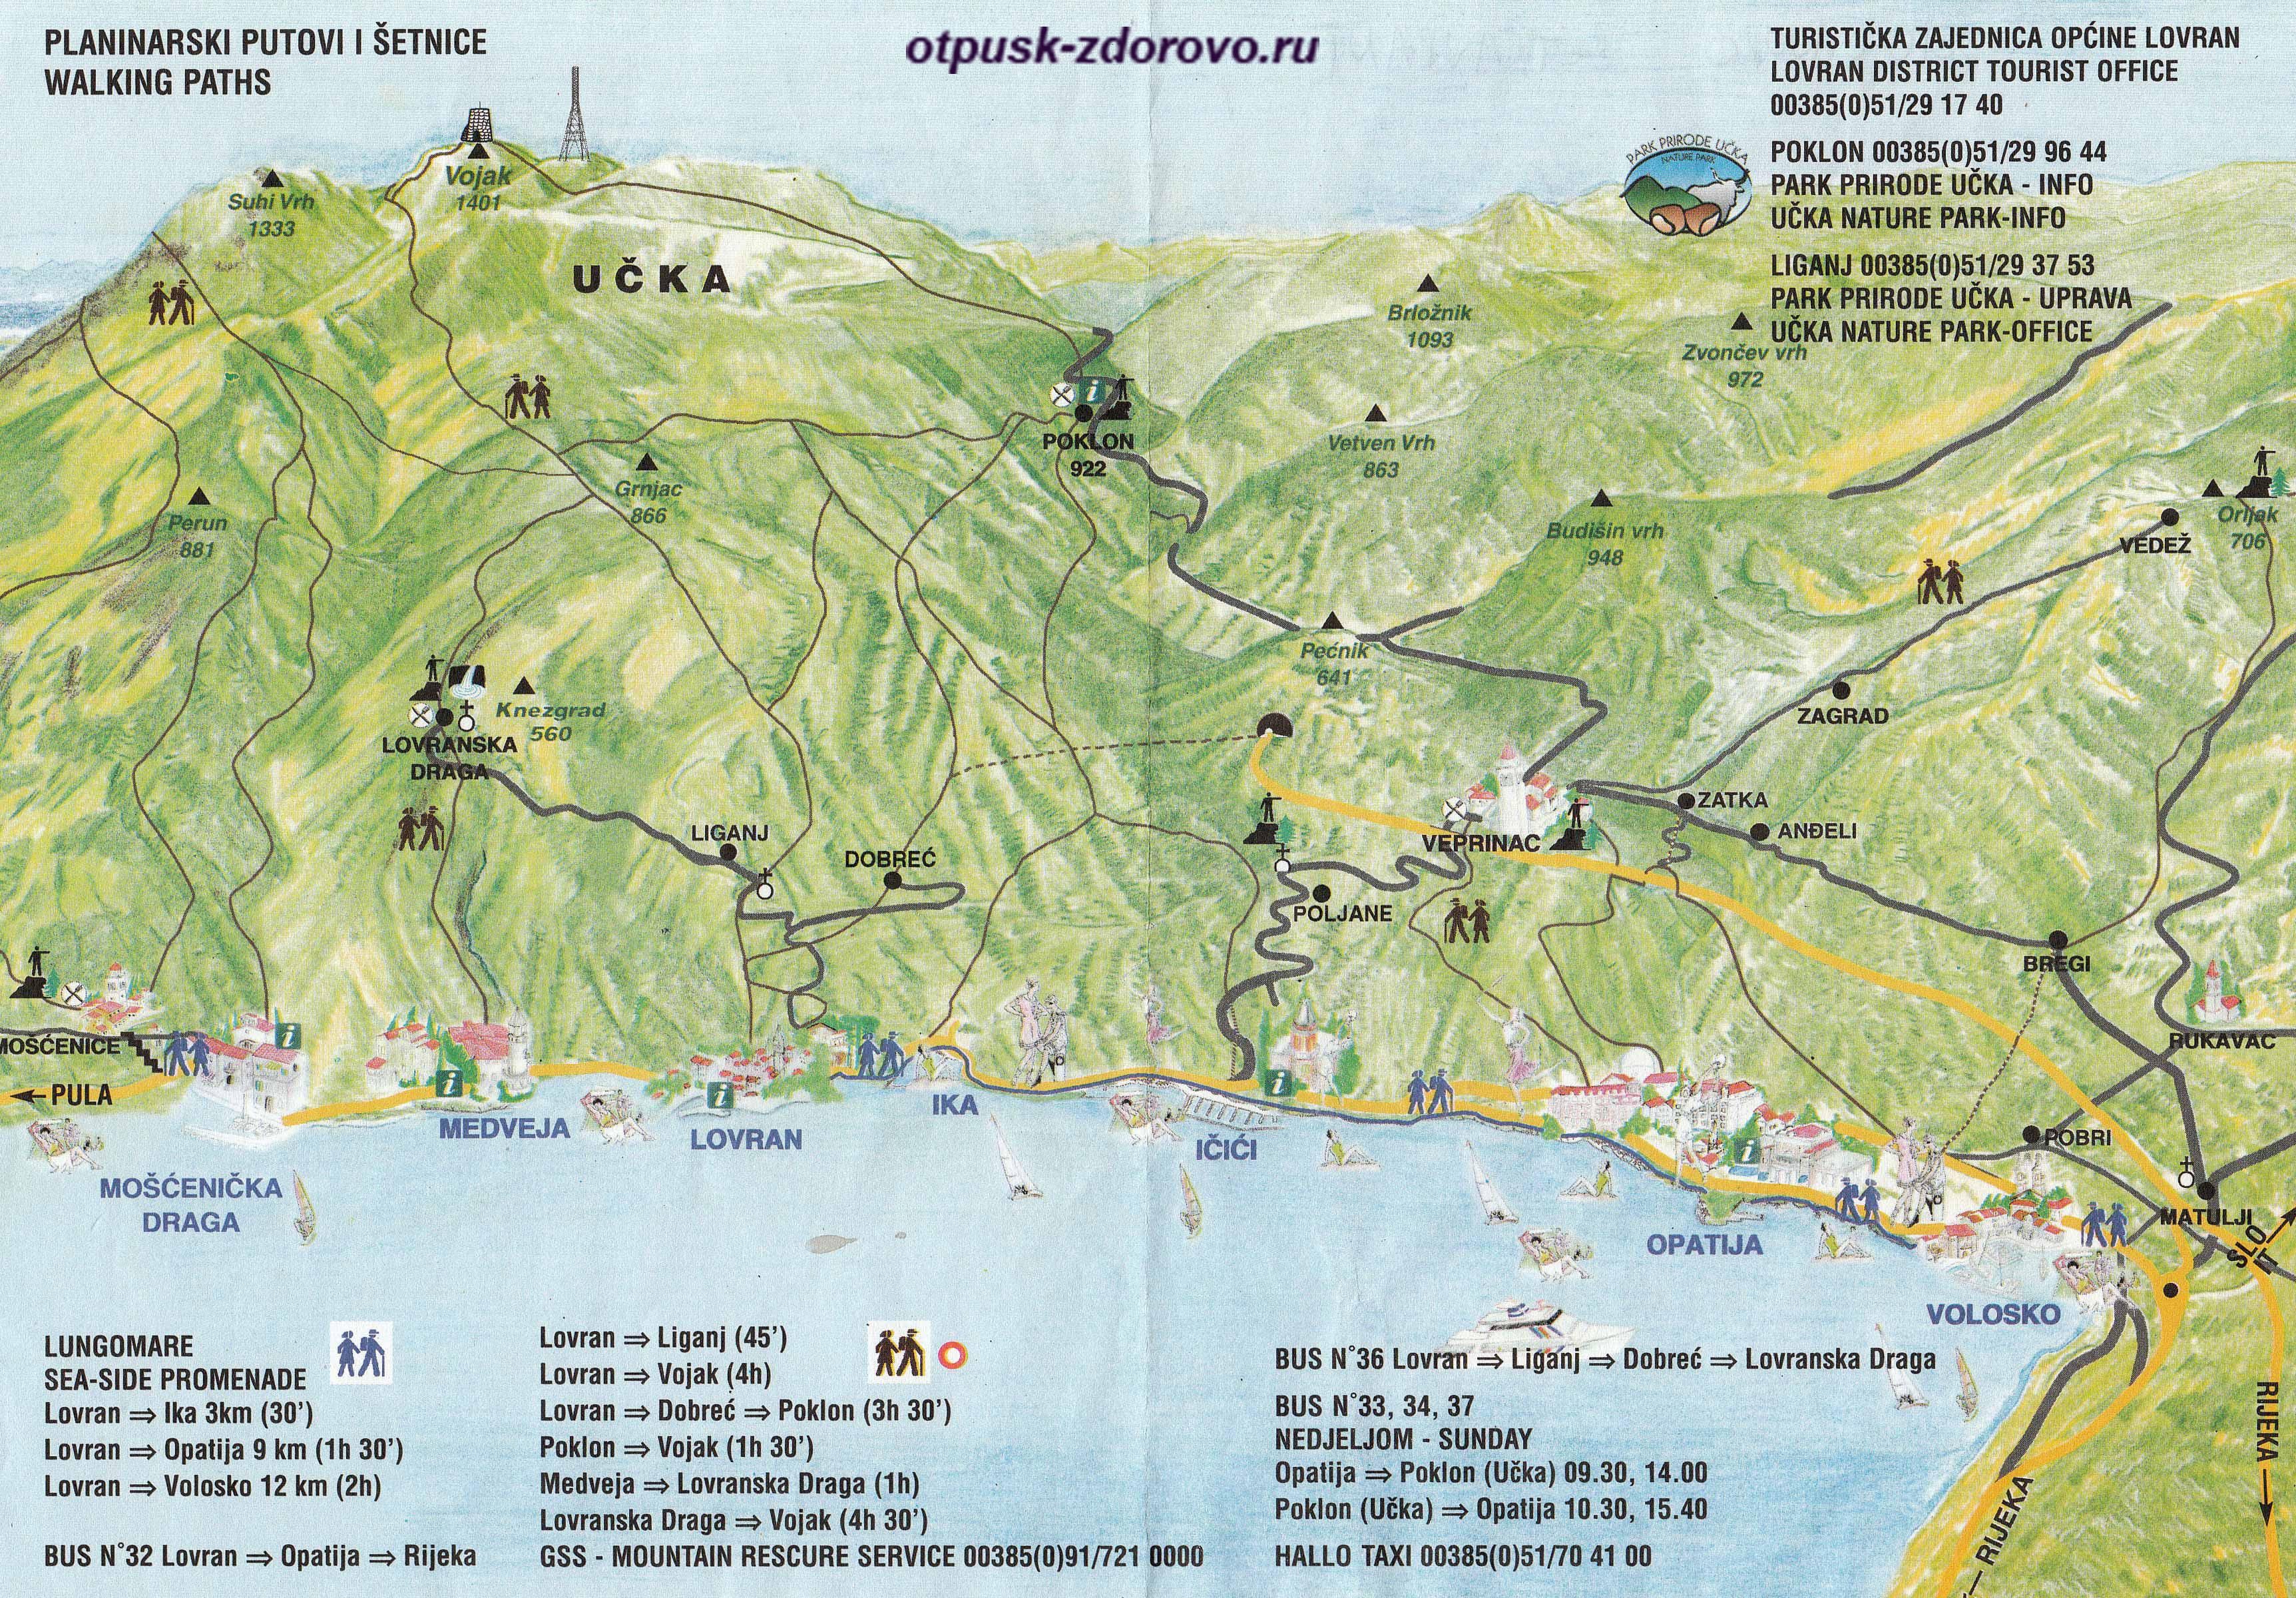 Природный парк гора Учка, Хорватия, подробная карта